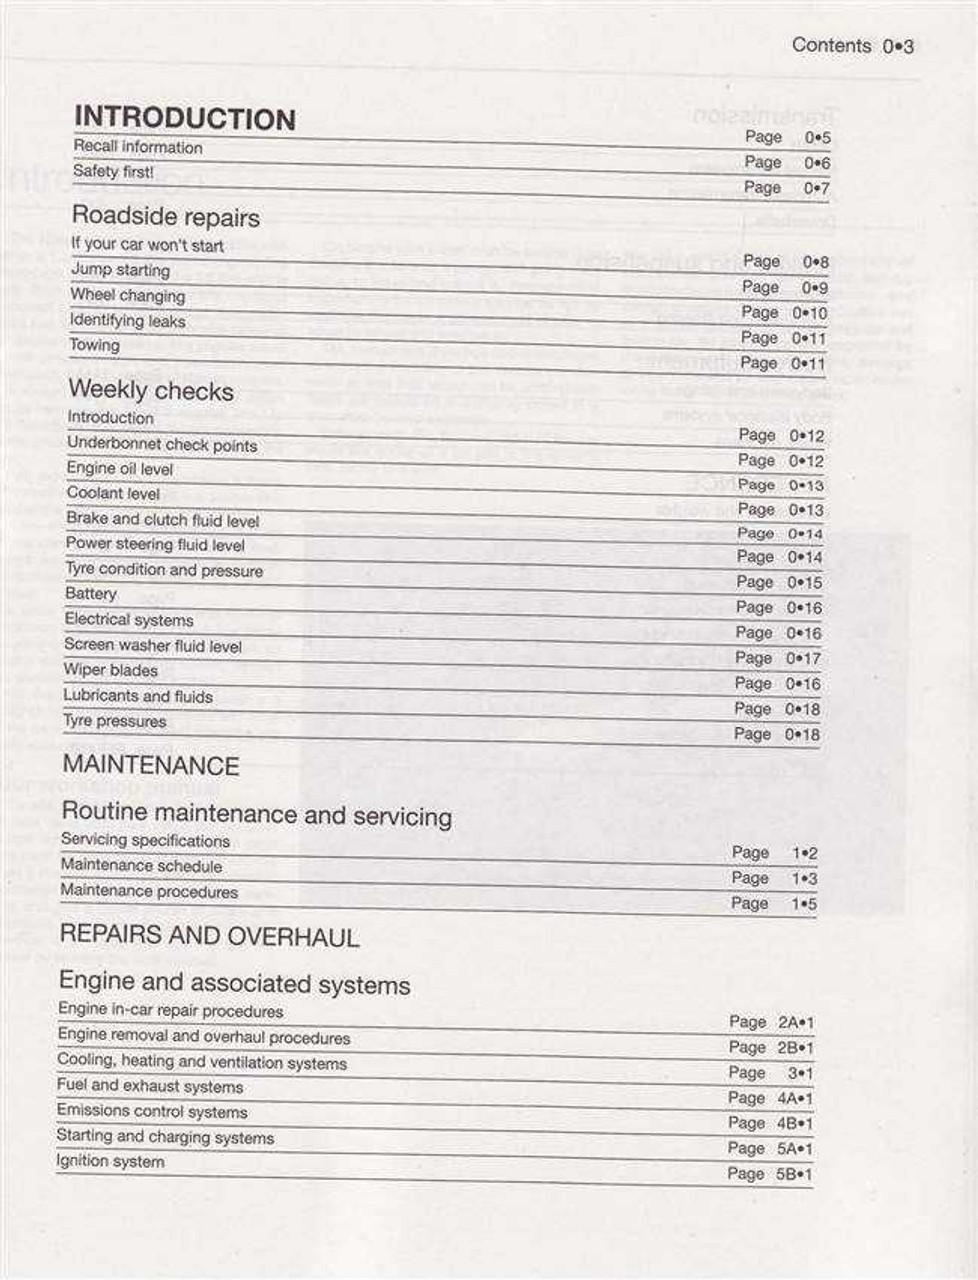 nissan pulsar n16 series 1 6l 1 8l petrol 2000 2005 workshop manual rh automotobookshop com au nissan pulsar n16 service manual pdf download nissan pulsar n16 owners manual